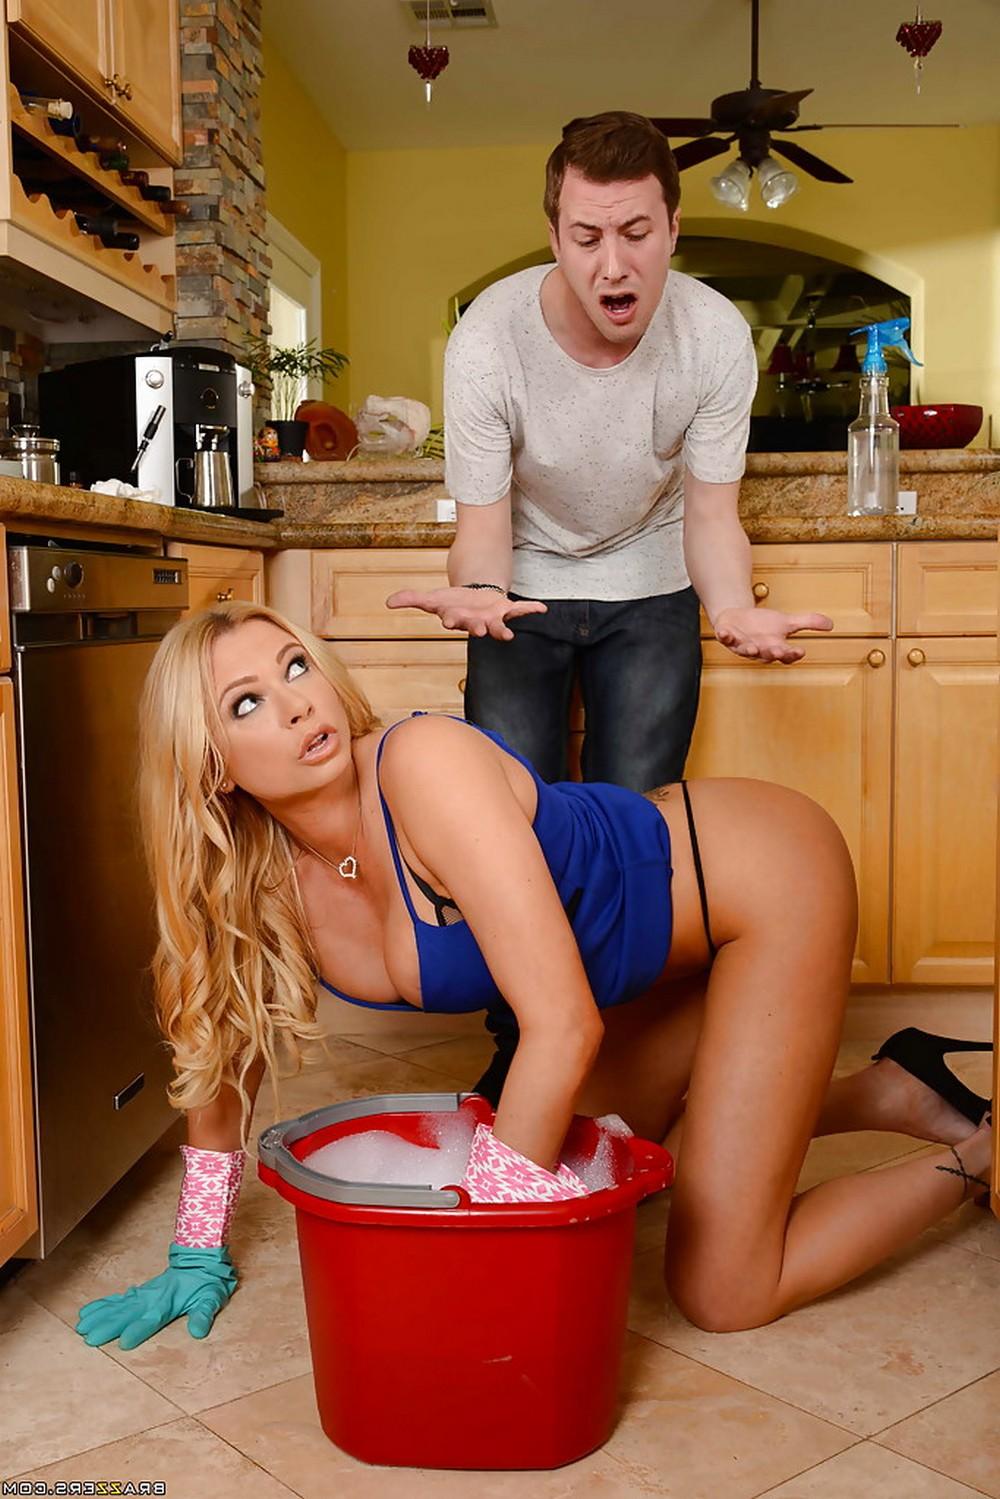 Домохозяйка Briana Banks соблазнила неопытного парня